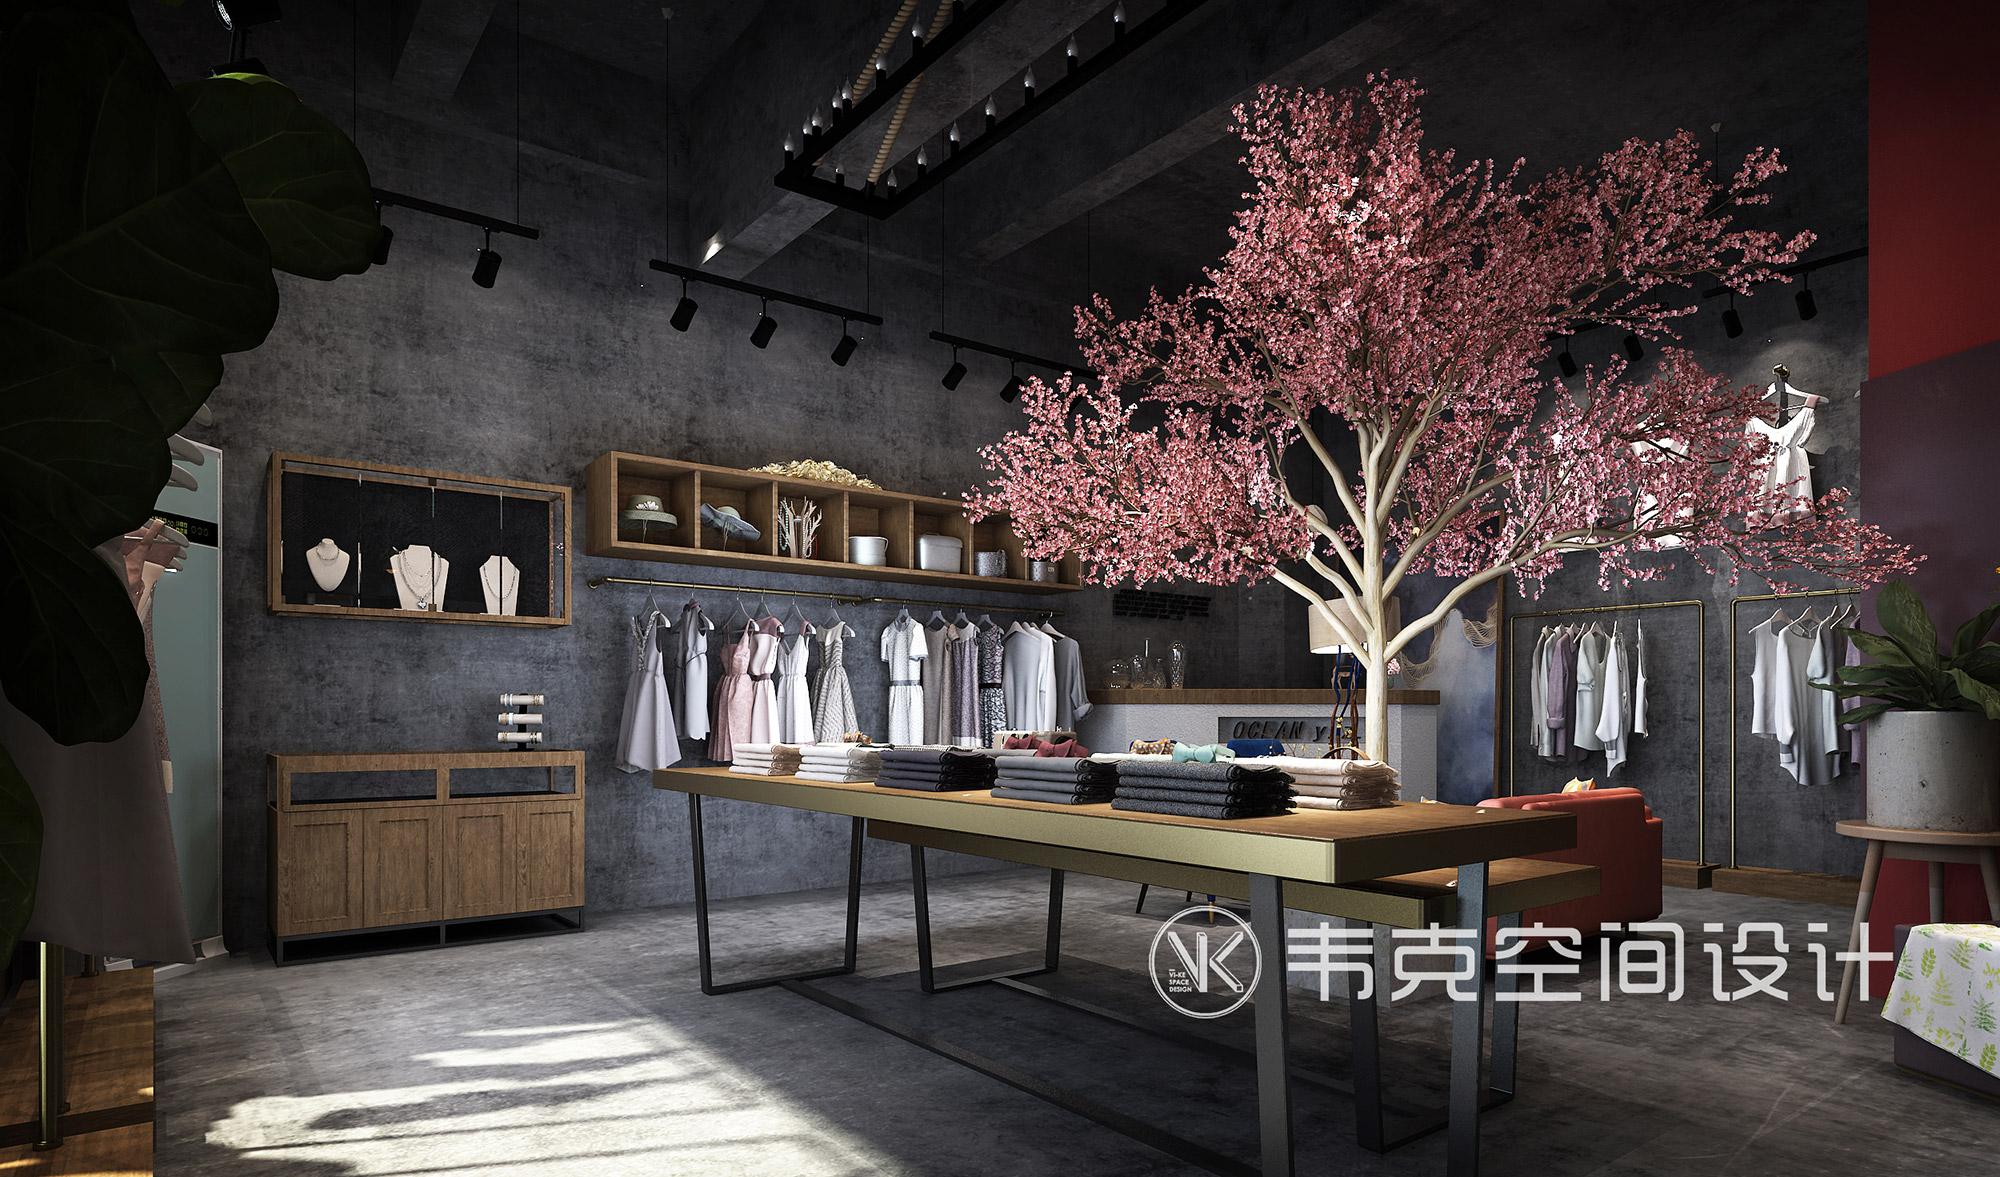 客厅图片来自韦克空间设计在这家隐匿于闹市的小店颜值很高!的分享